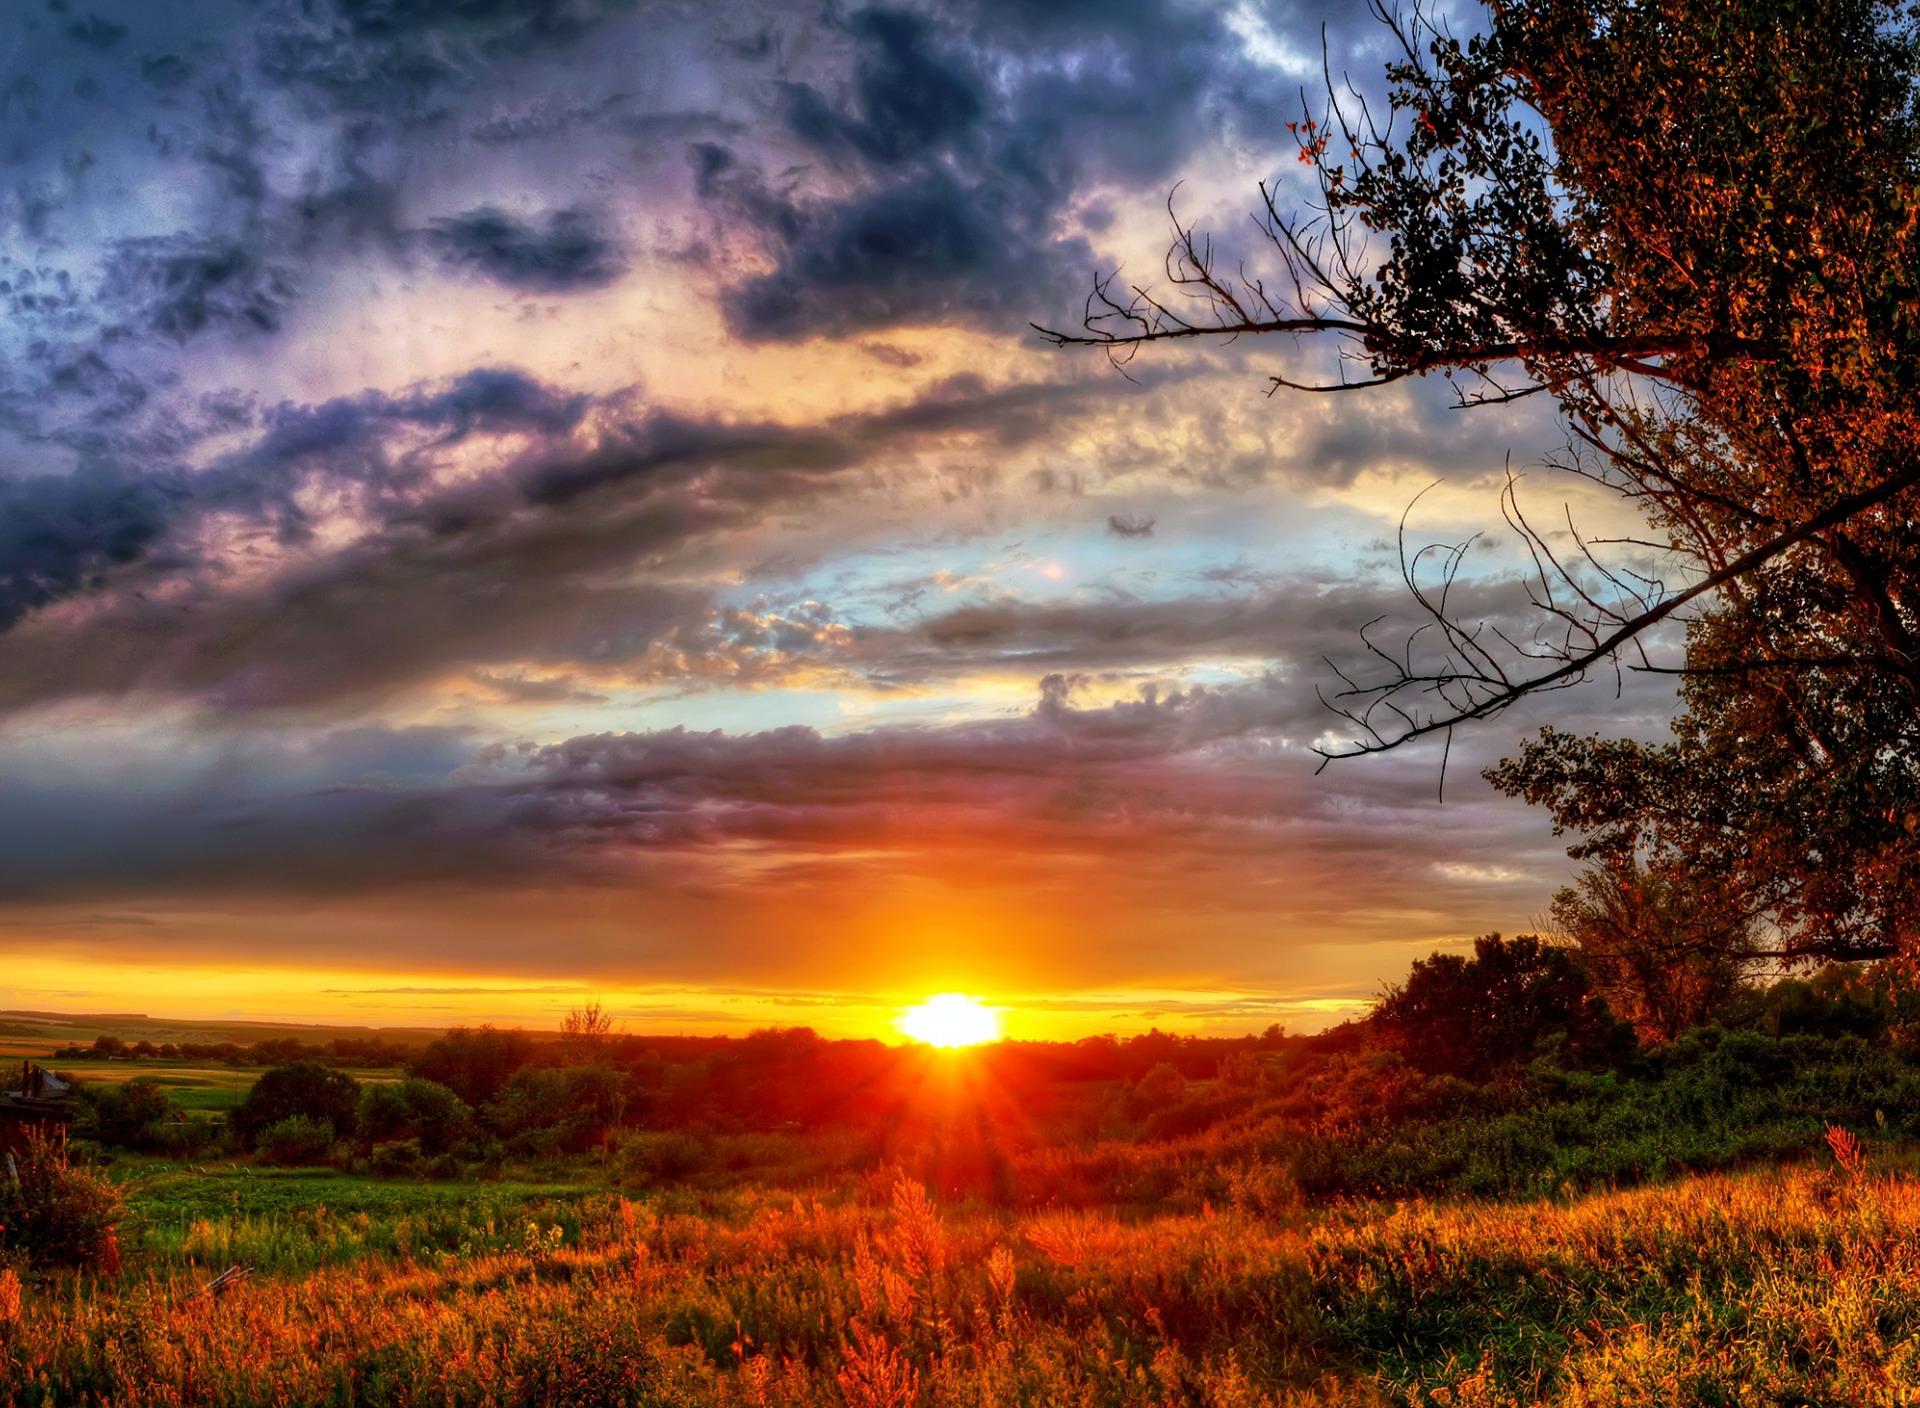 сайт красивые фото восход закат возмущаются из-за